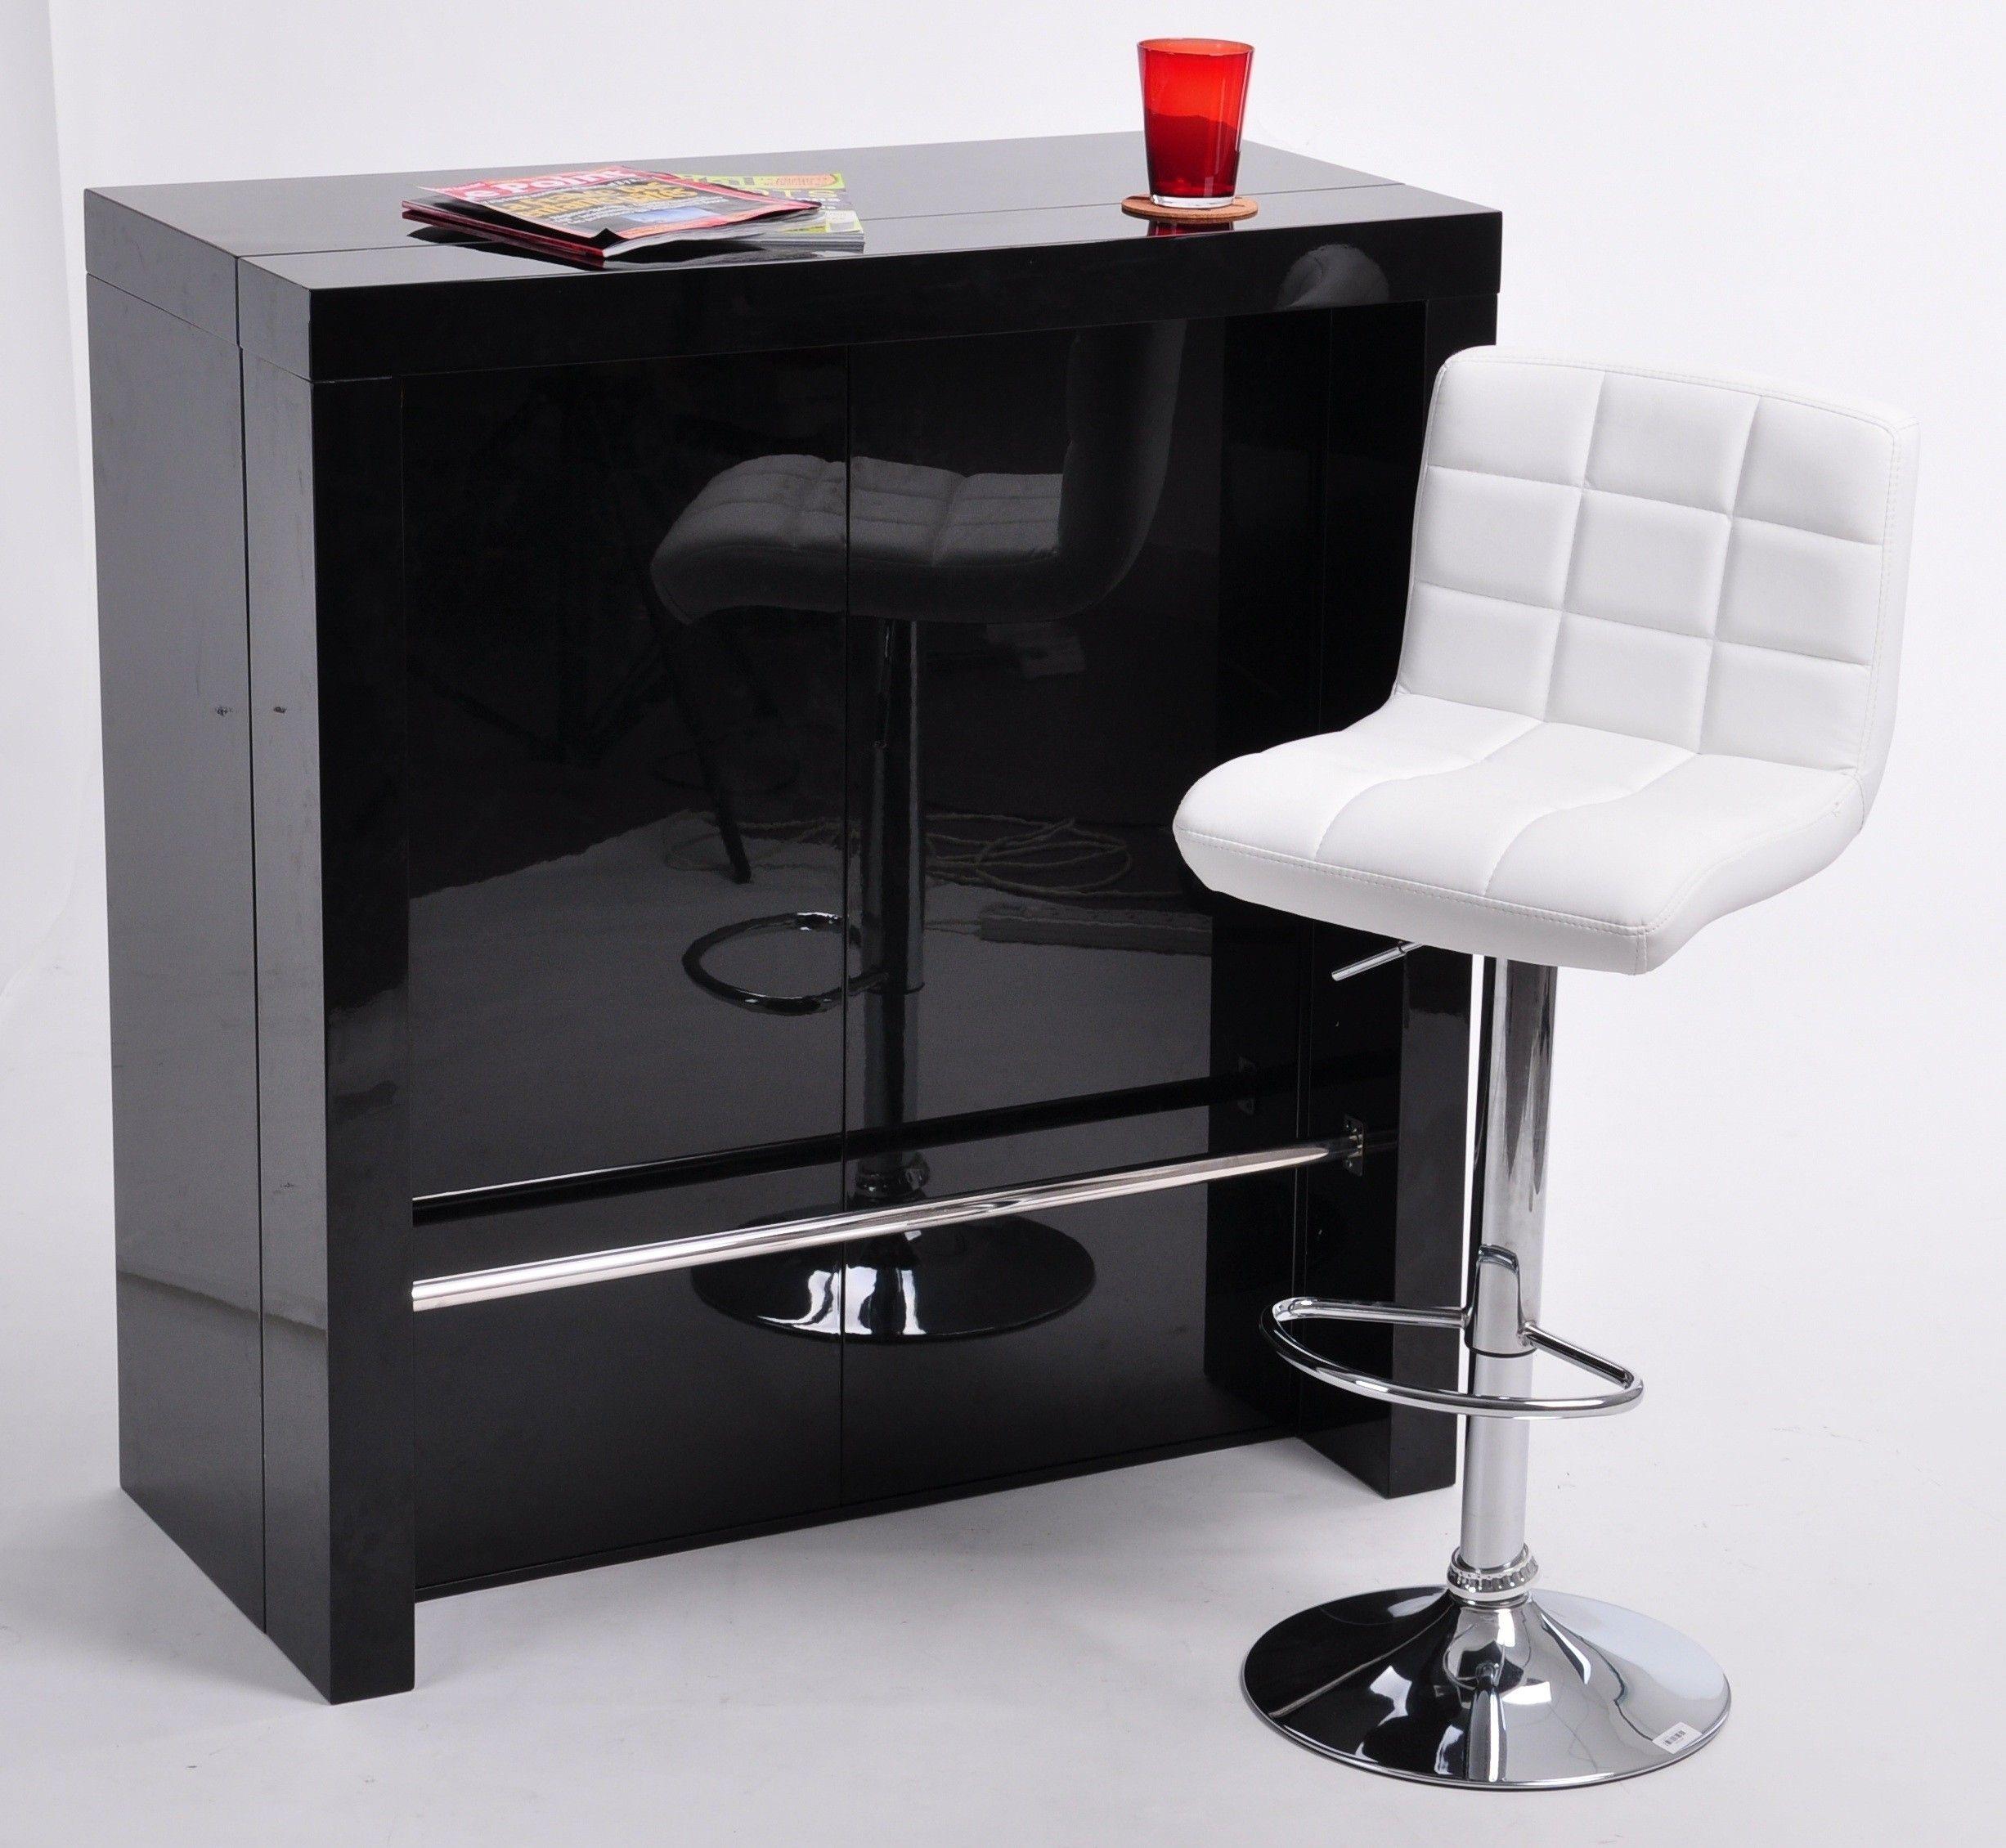 Aussi Bien Console Extensible Et Table De Bar Haute Ce Modèle - Console extensible blanc laque pour idees de deco de cuisine